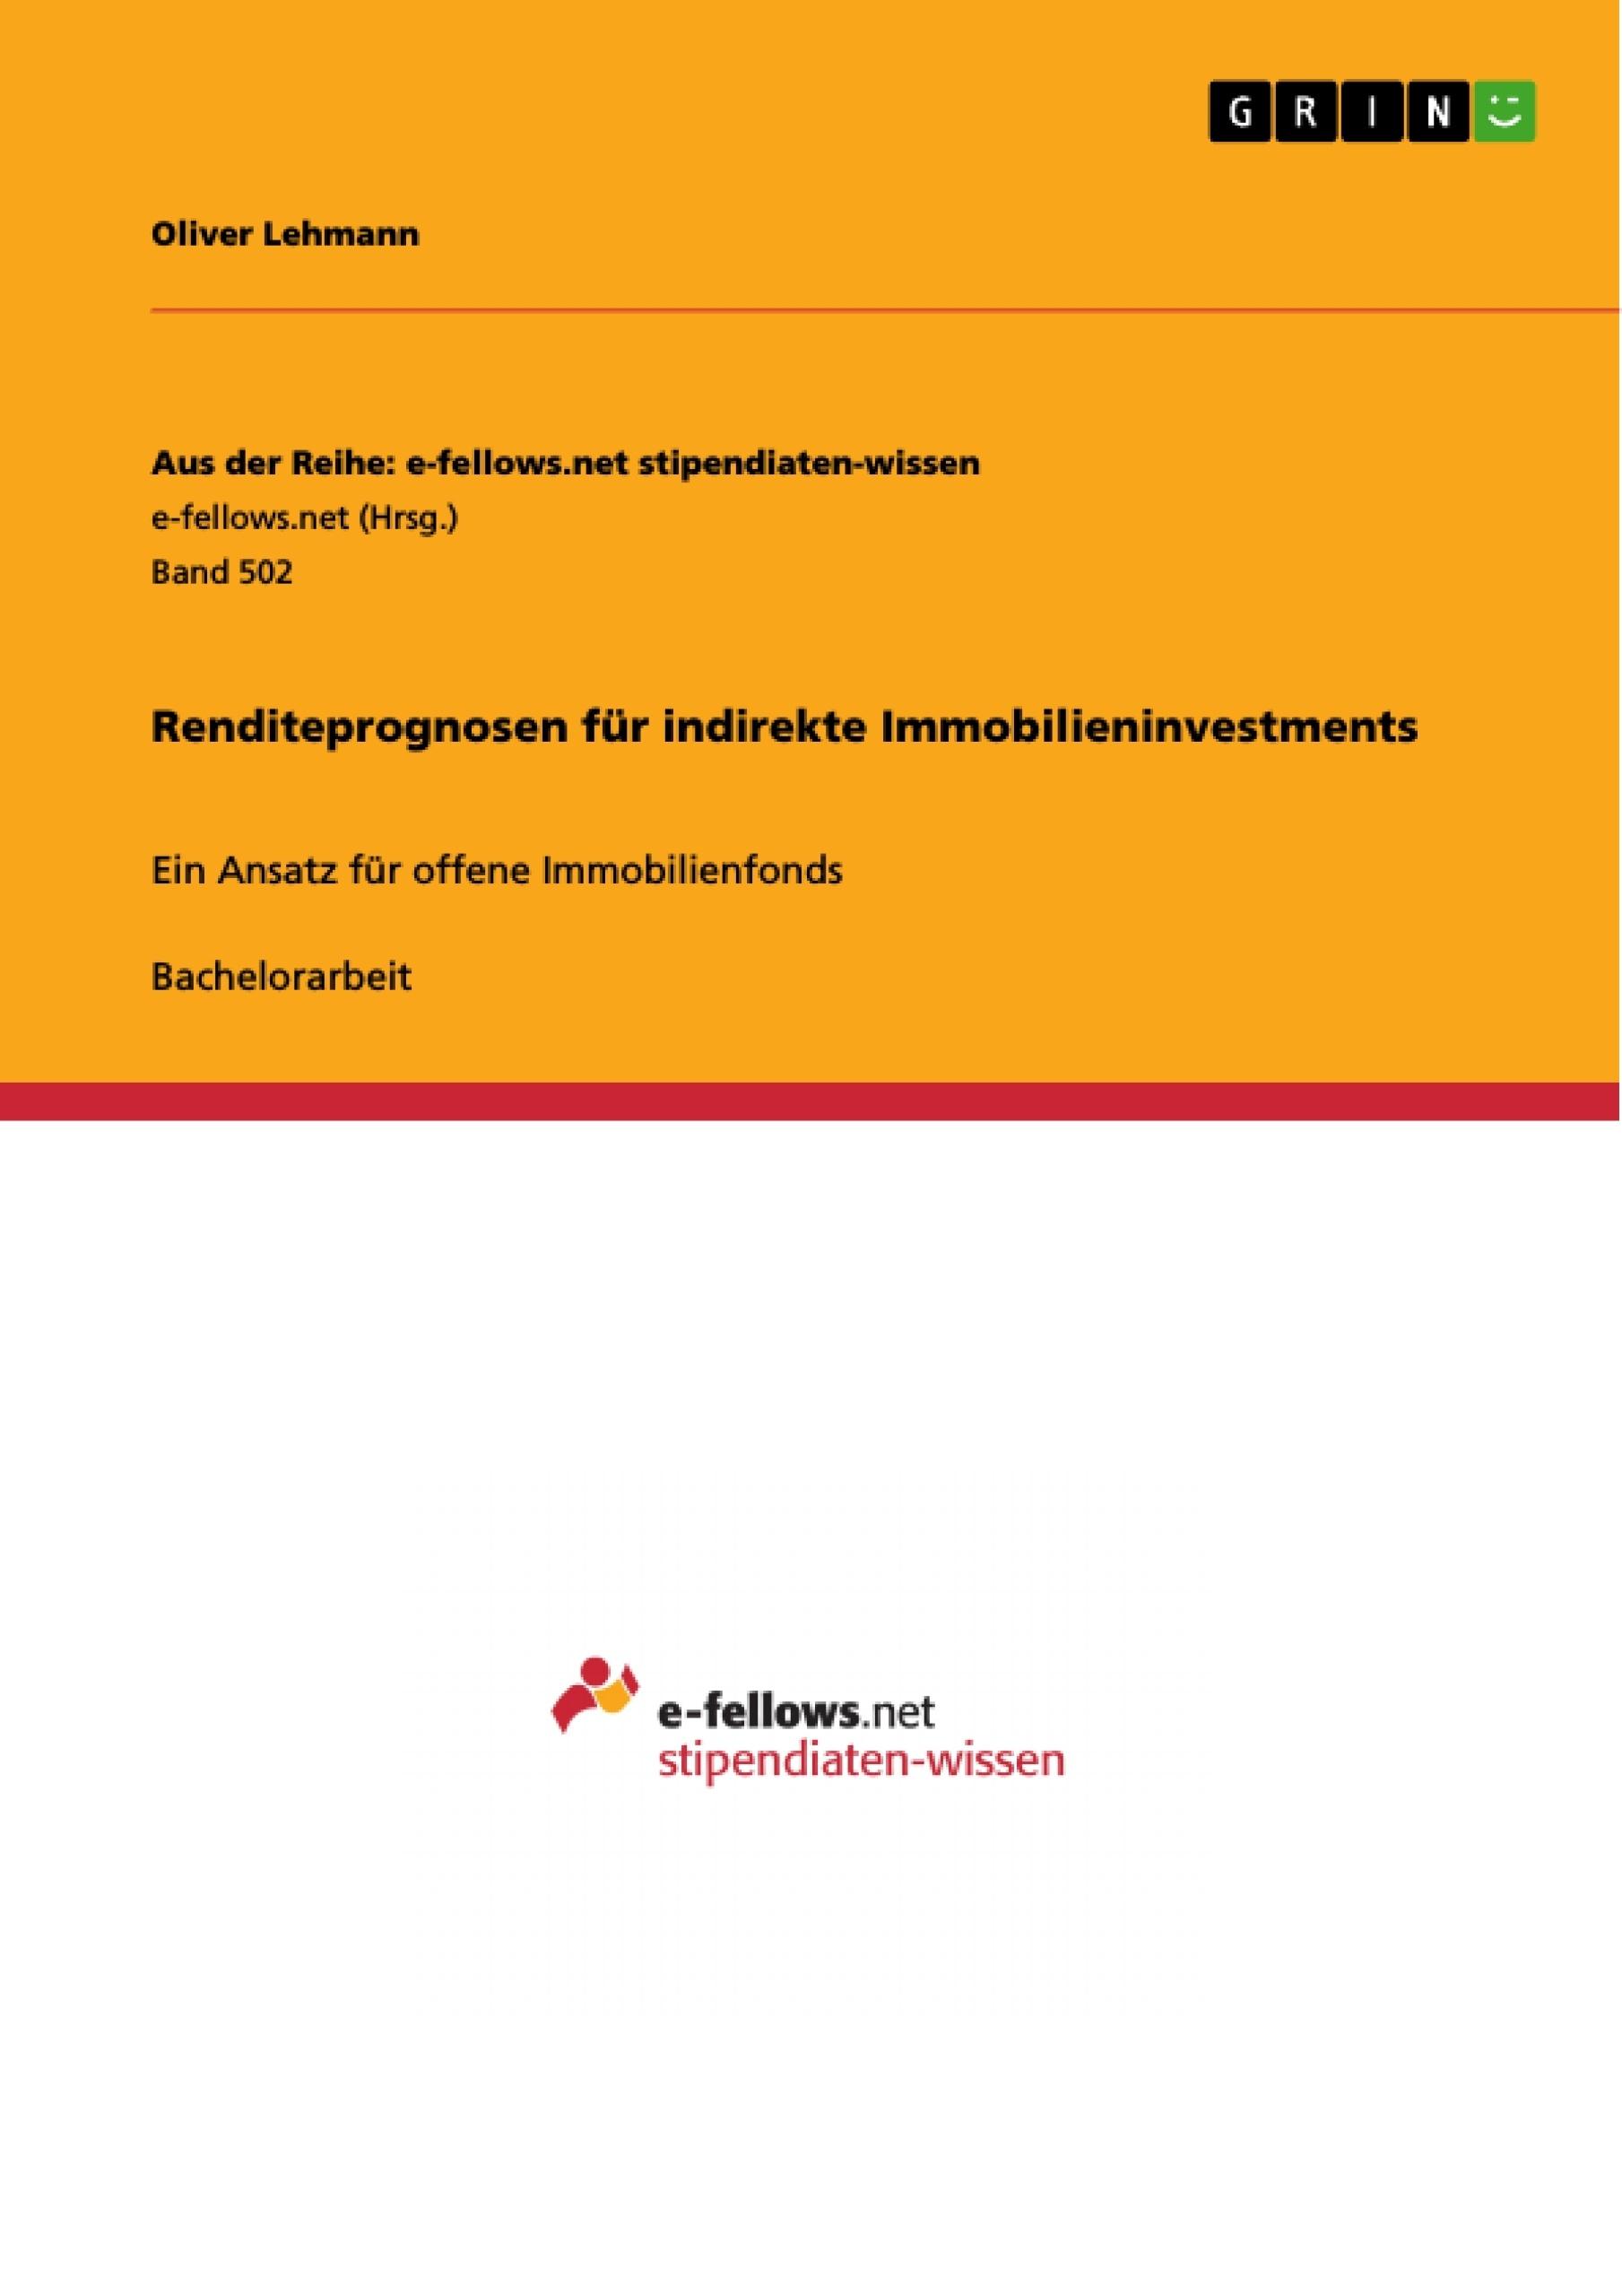 Titel: Renditeprognosen für indirekte Immobilieninvestments